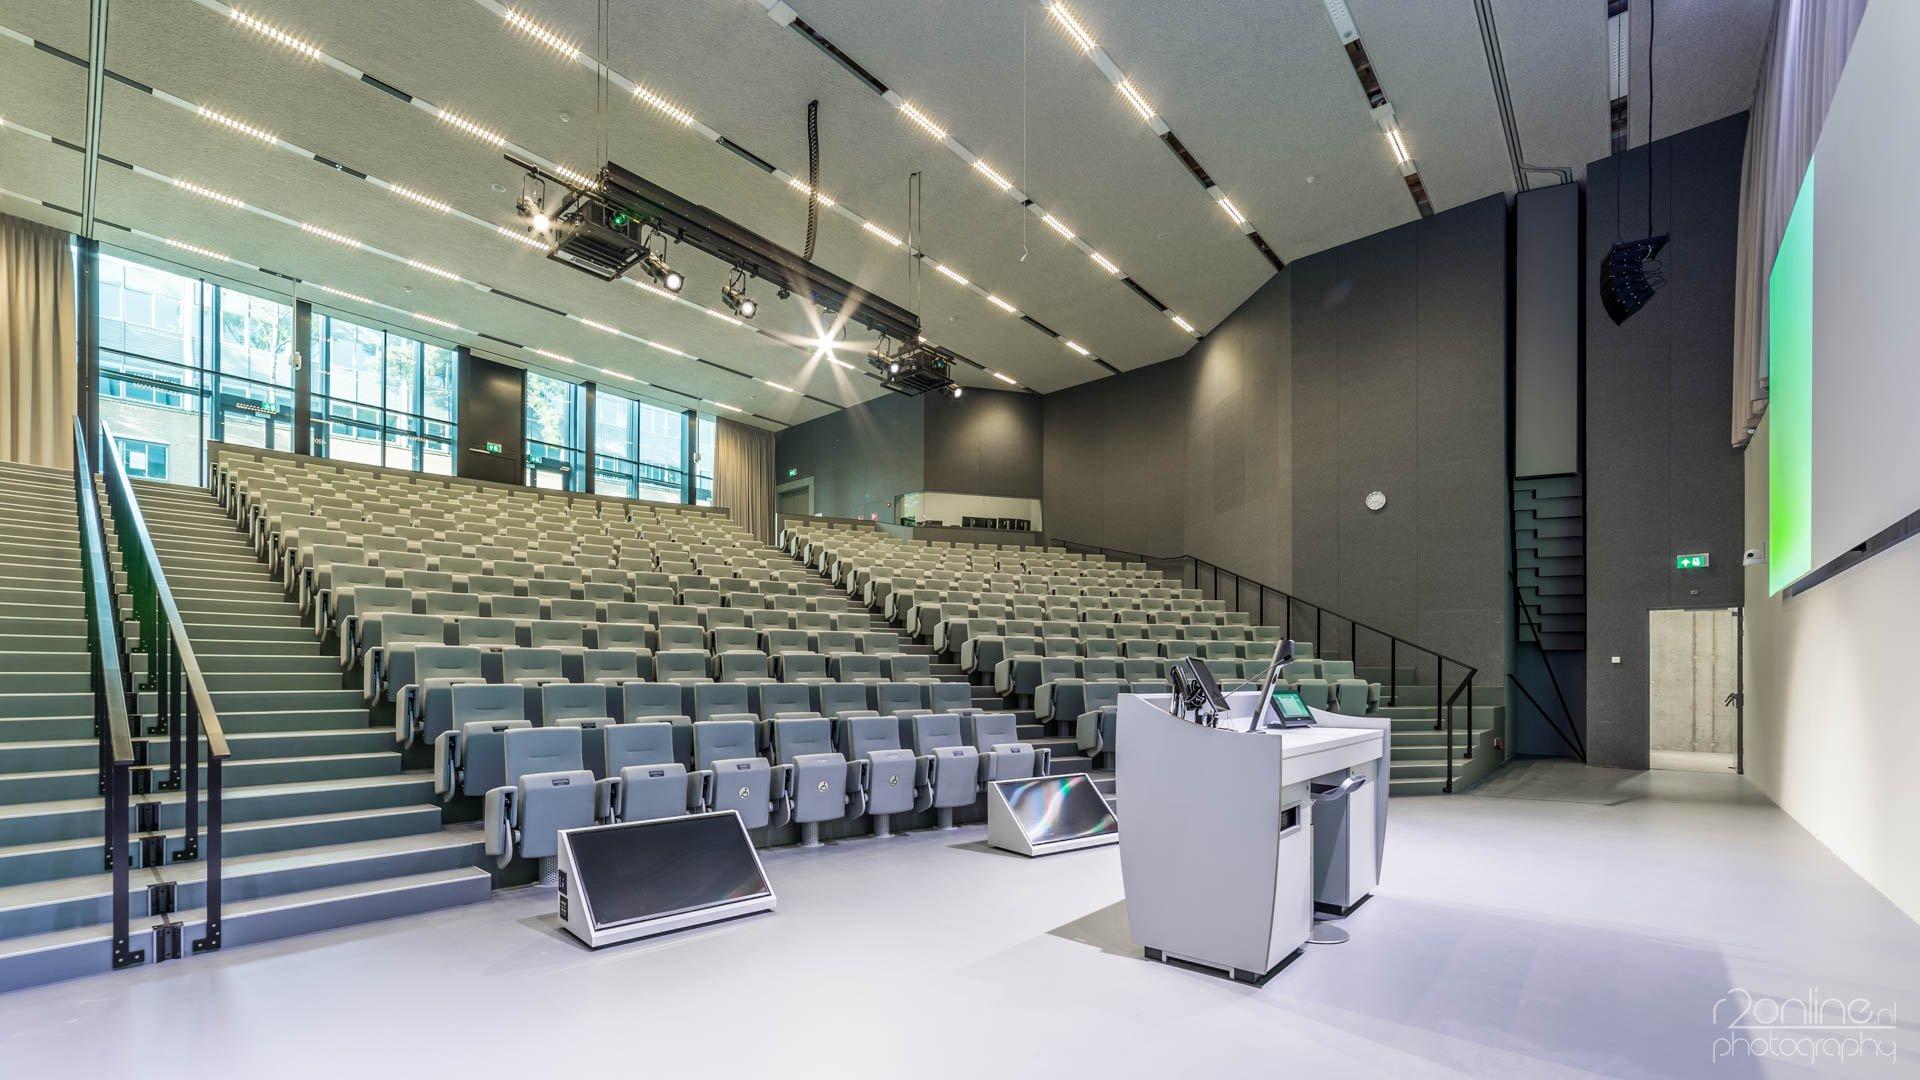 Cube - Tilburg University